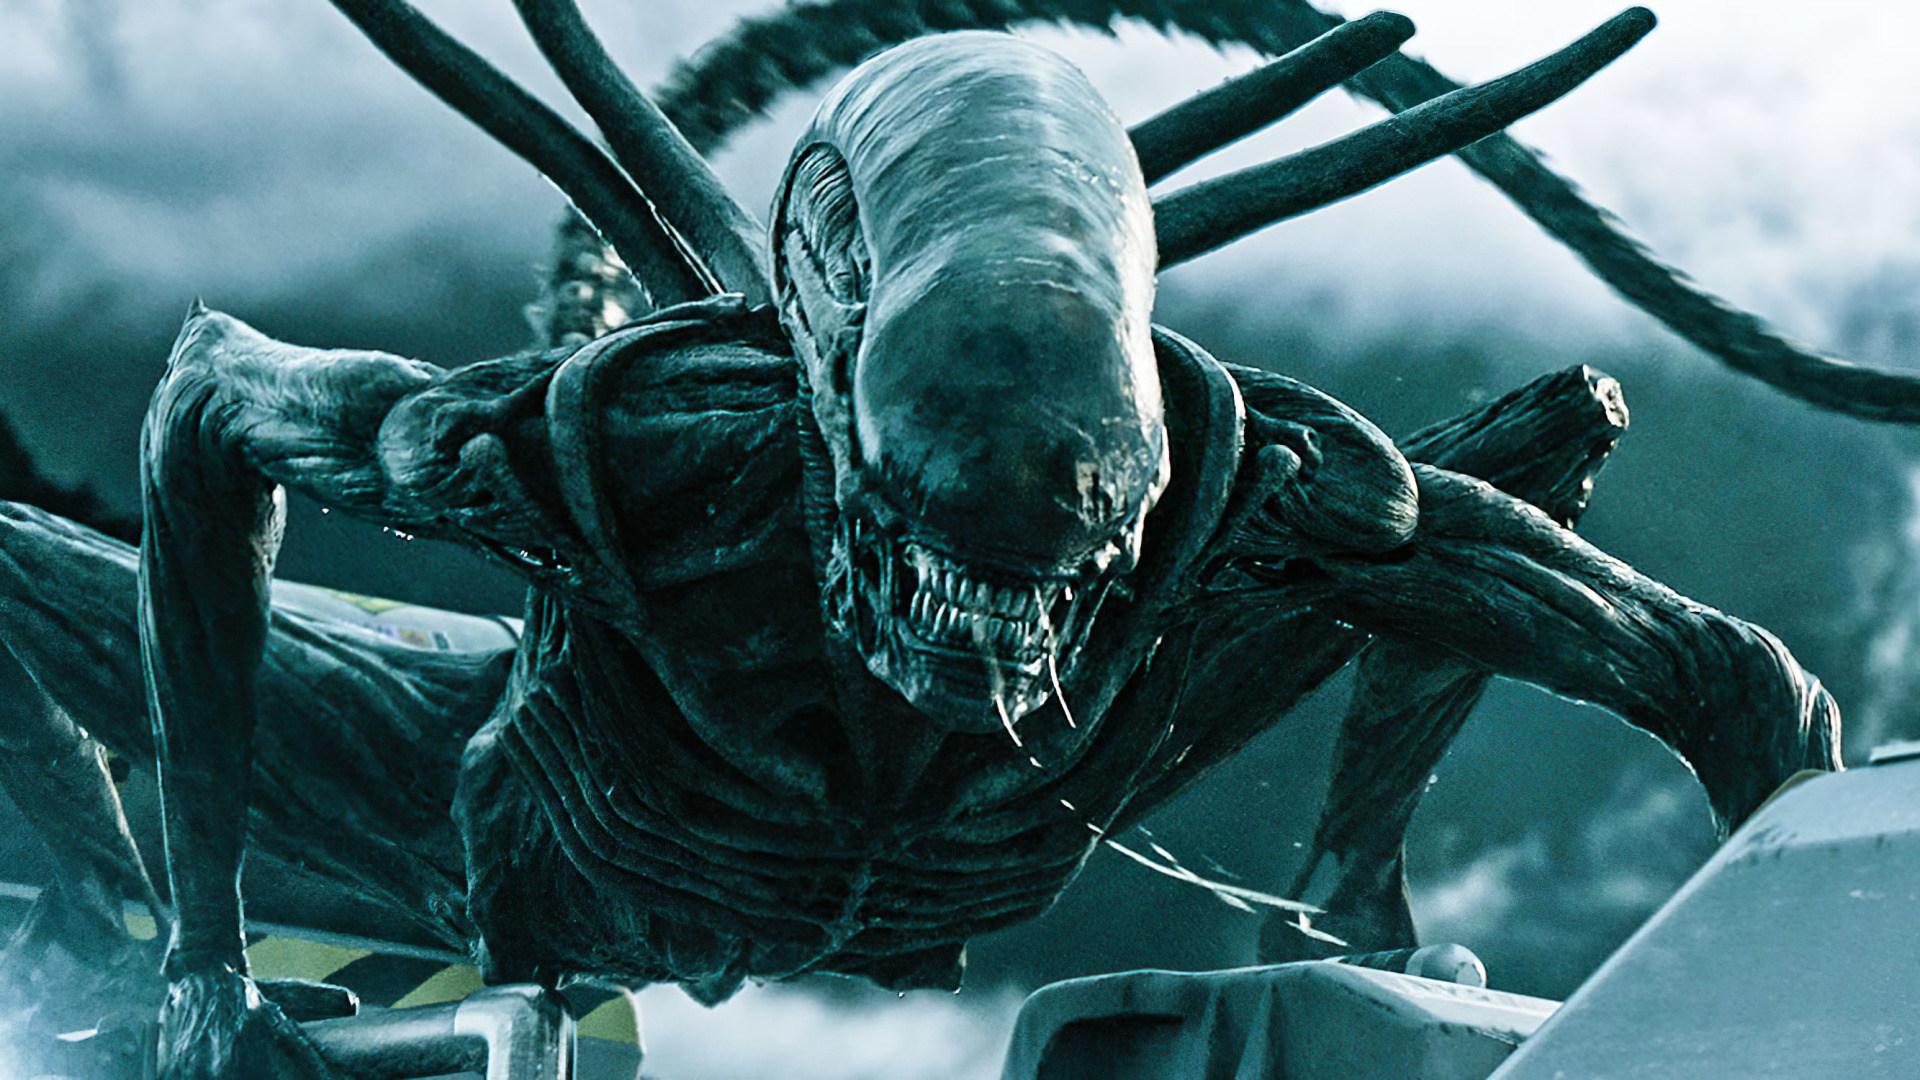 Film, Science Fiction, Alien, Ridley Scott